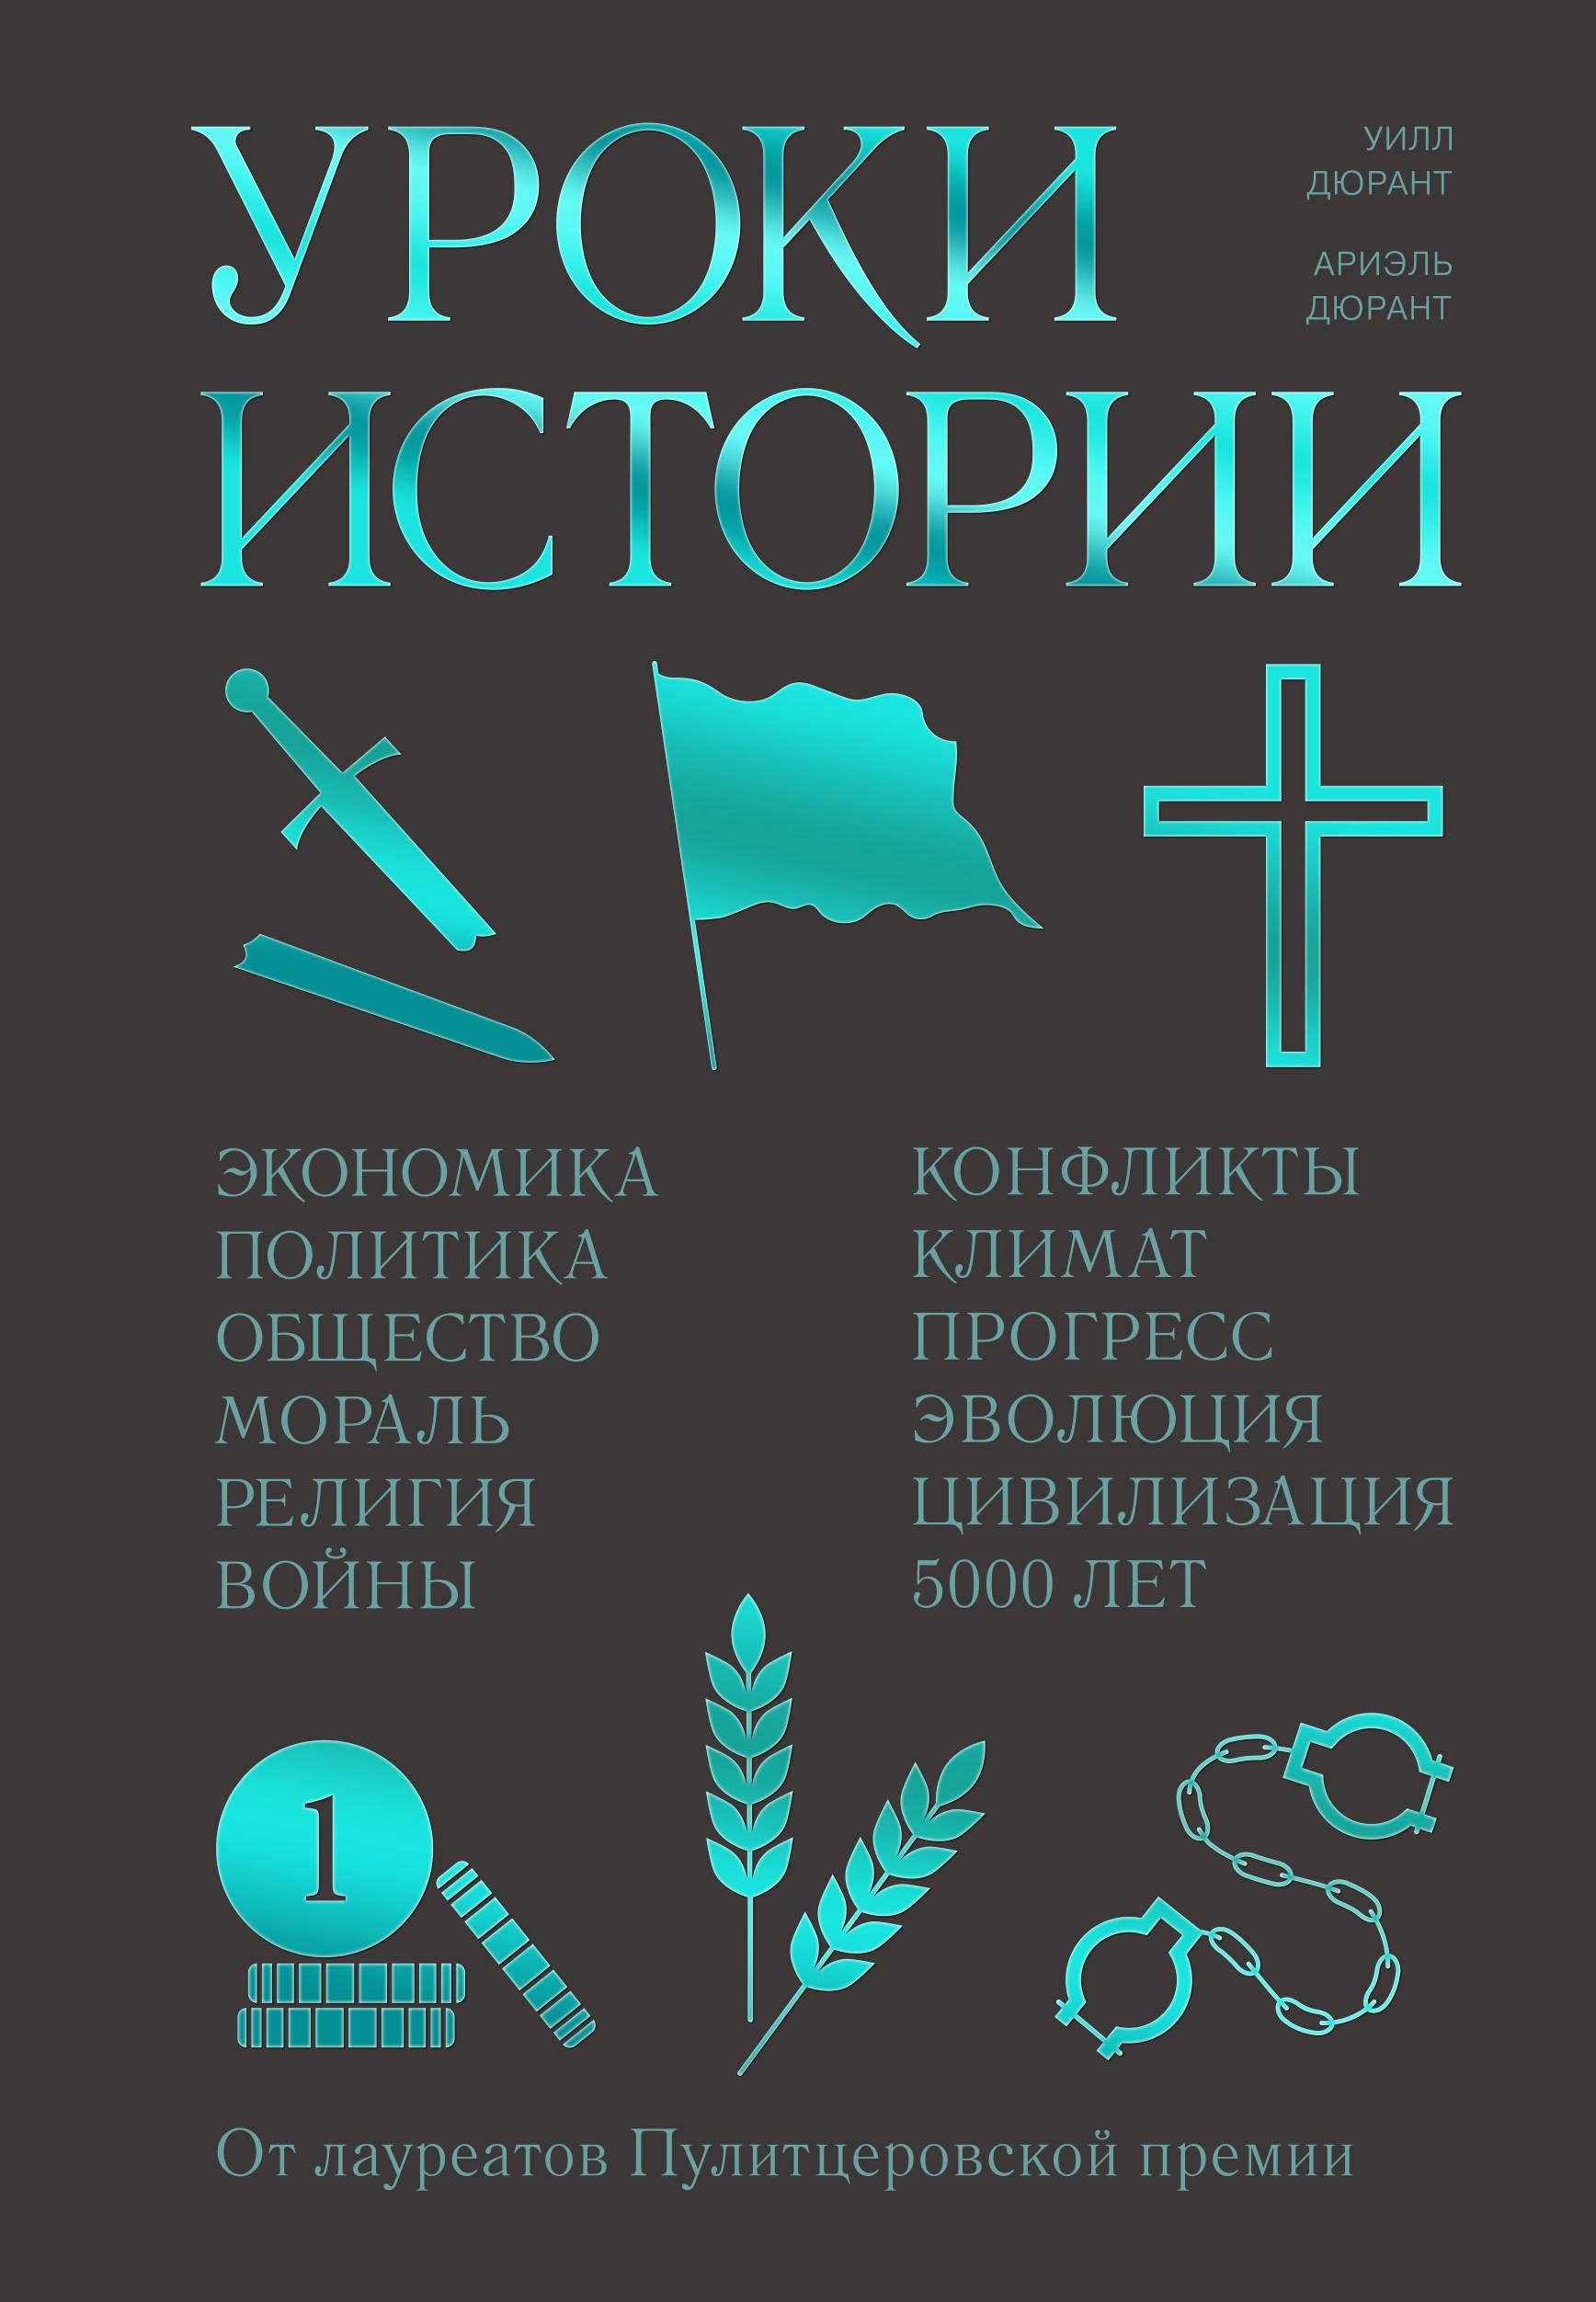 Uroki istorii. Zakonomernosti razvitija tsivilizatsii za 5000 let